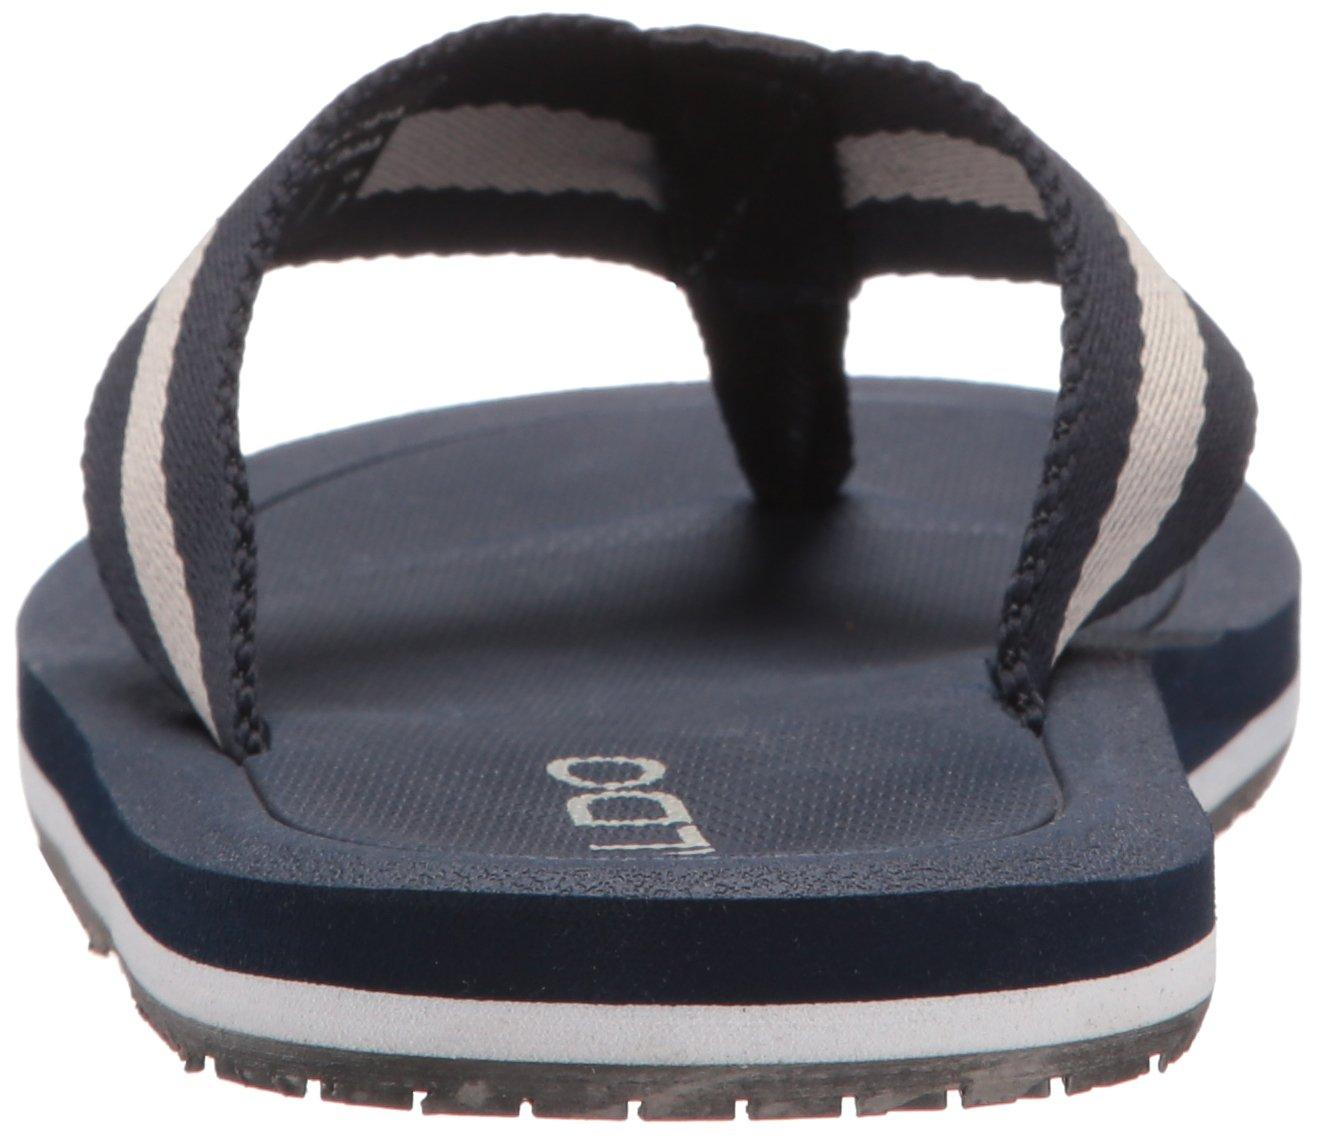 ALDO Men's Bortnick Flip Flop, Navy, 10.5 D US by ALDO (Image #2)